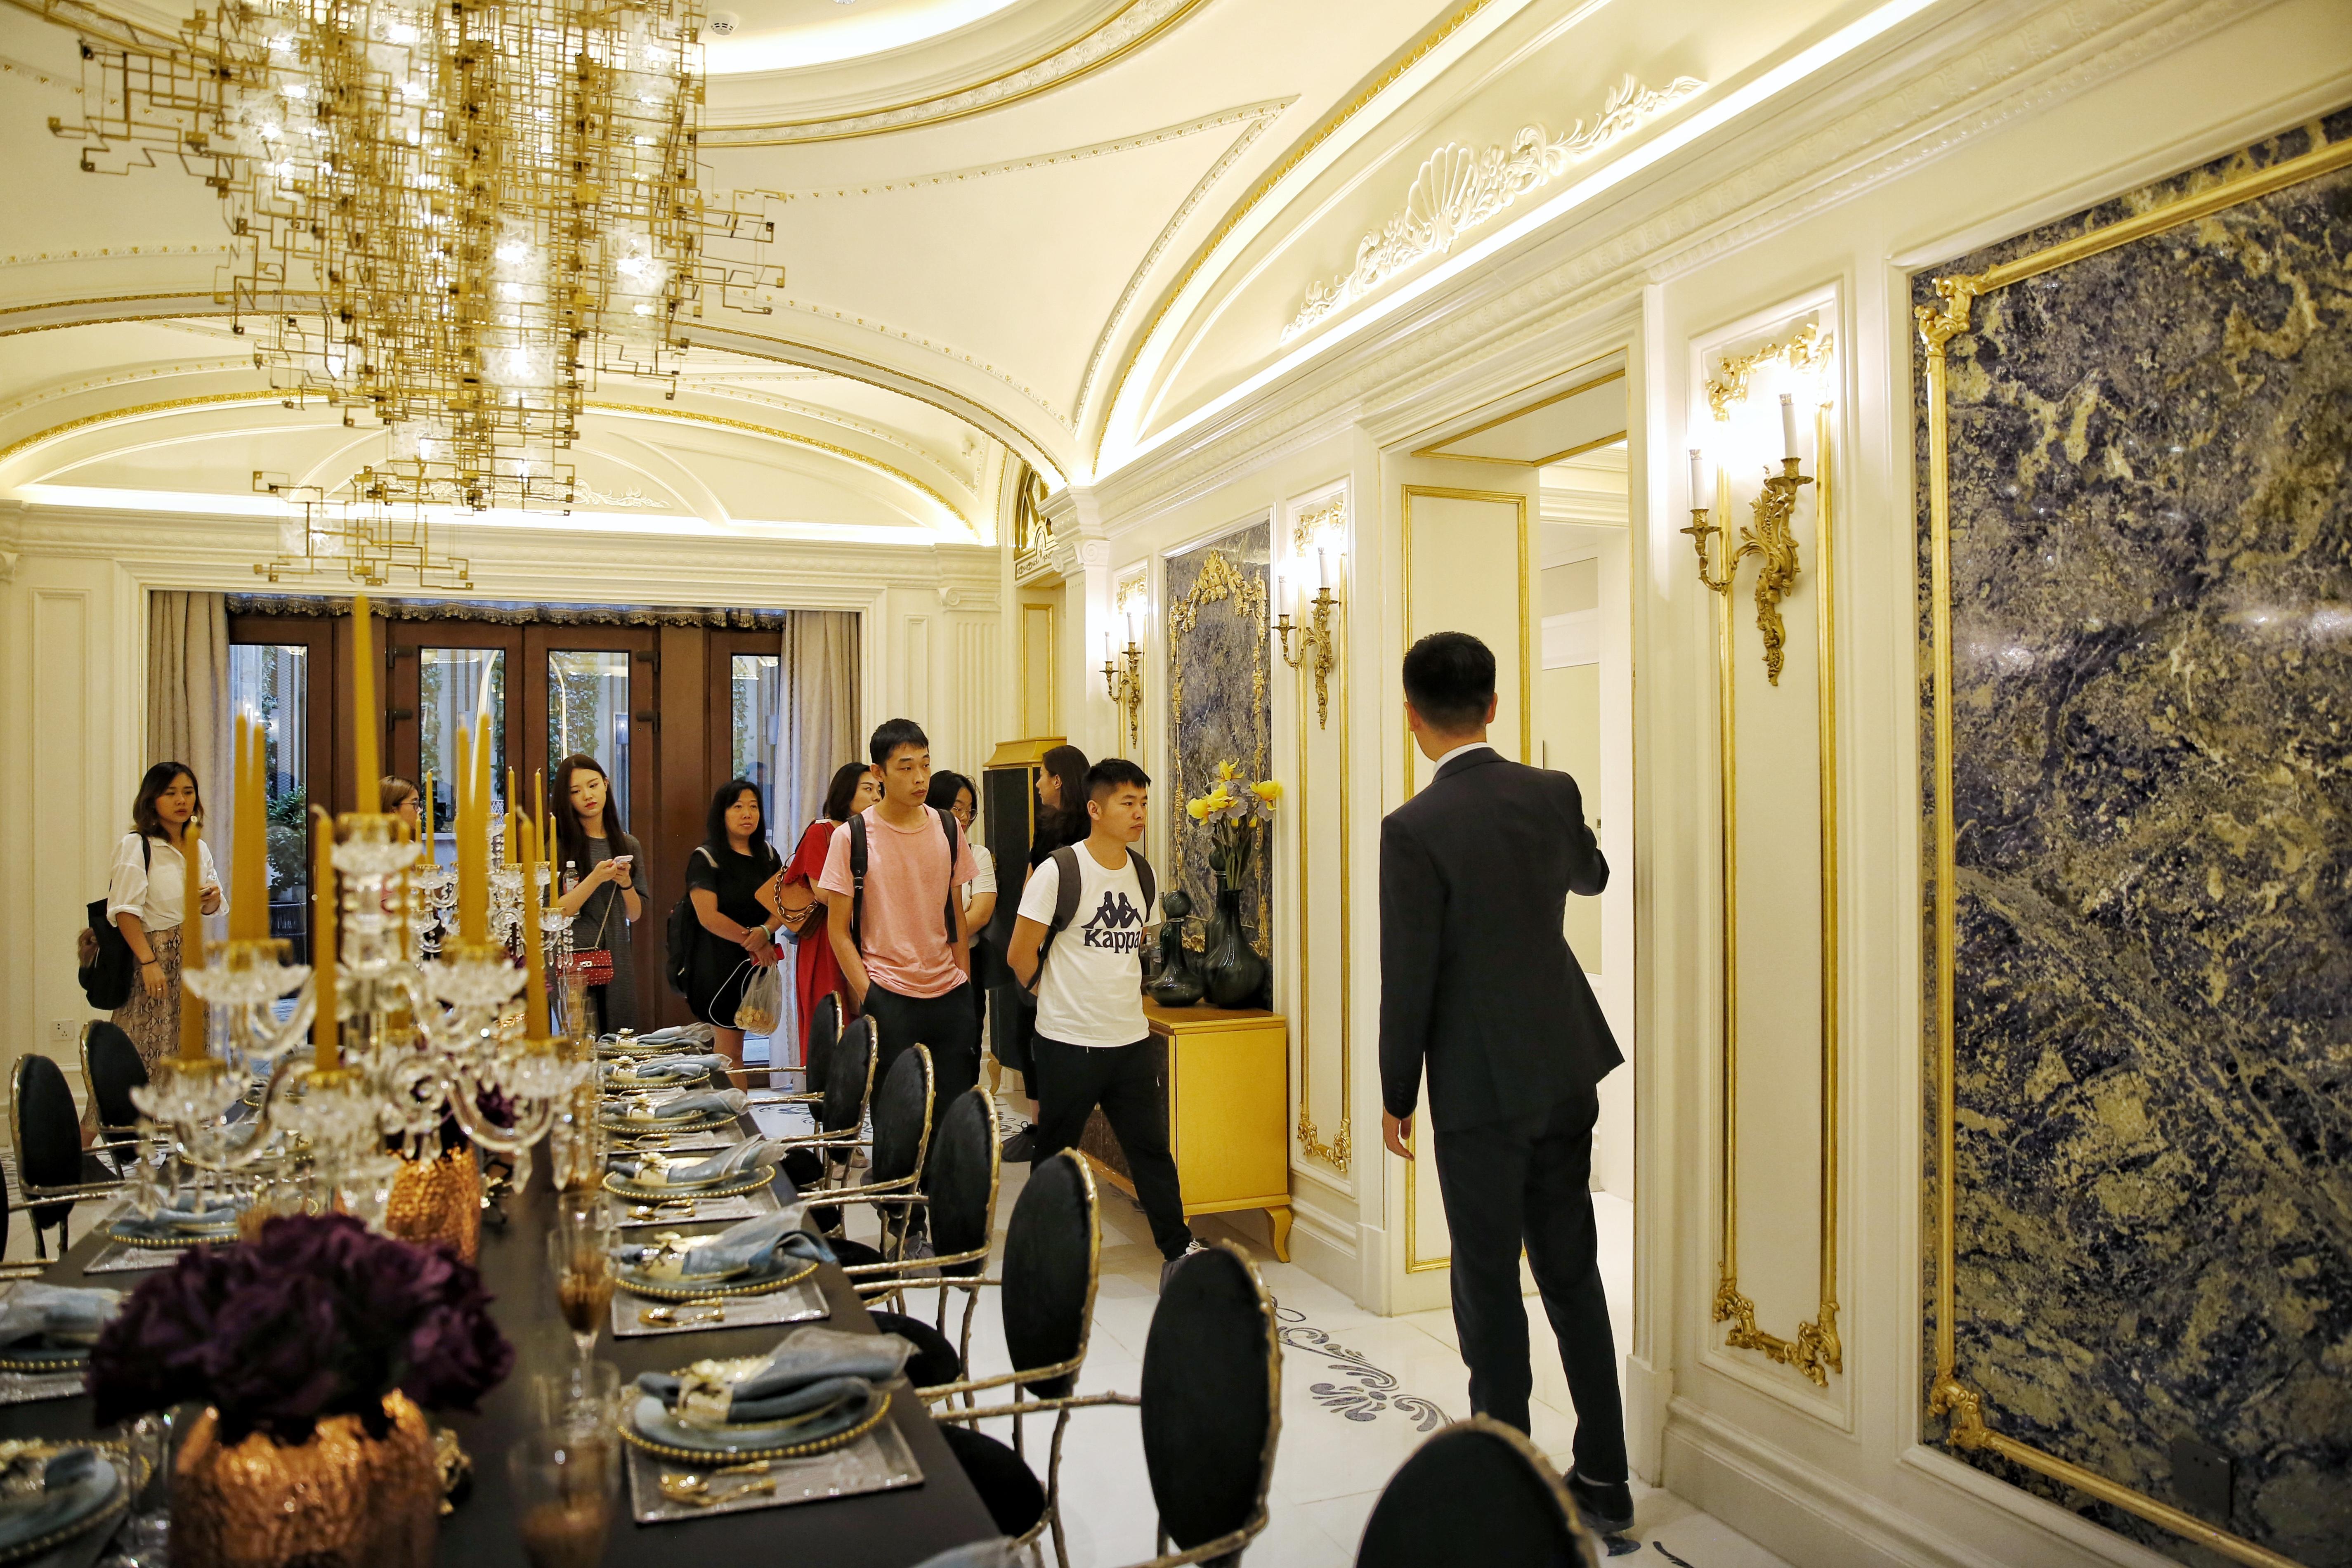 看片会后,懋源•璟岳的专属管家带领媒体嘉宾餐馆别墅样板间内景,介绍设计理念。